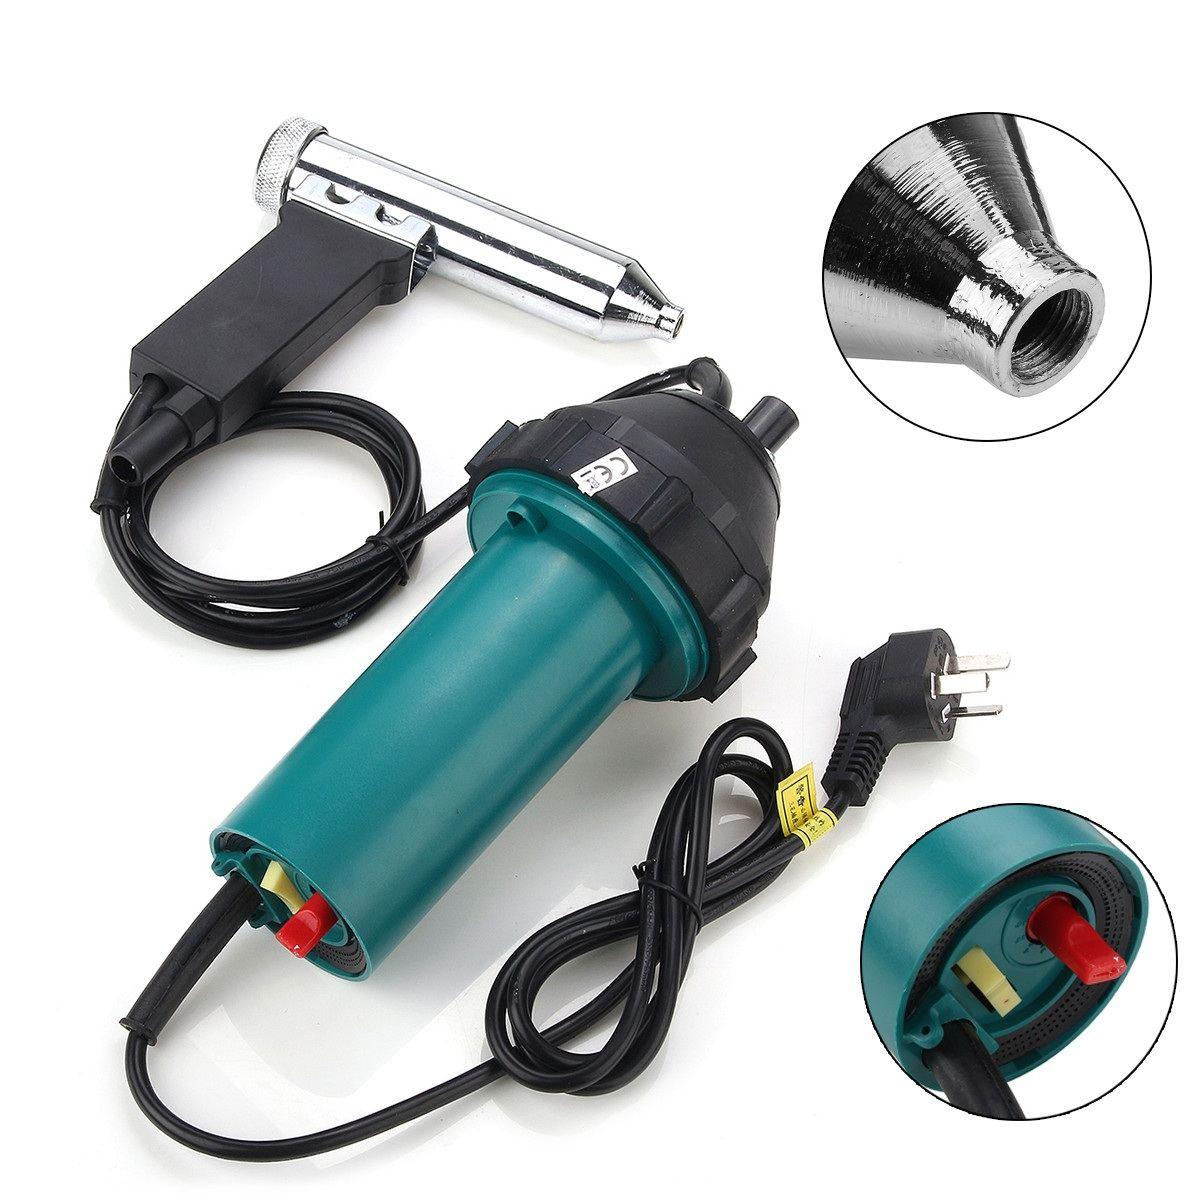 240 V 1080 W 50Hz En Plastique Pistolets à Air chaud Soudage À Air Chaud Torche De Soudage Pistolet Outils Électriques avec Buse kit de tuyau pour poste à souder